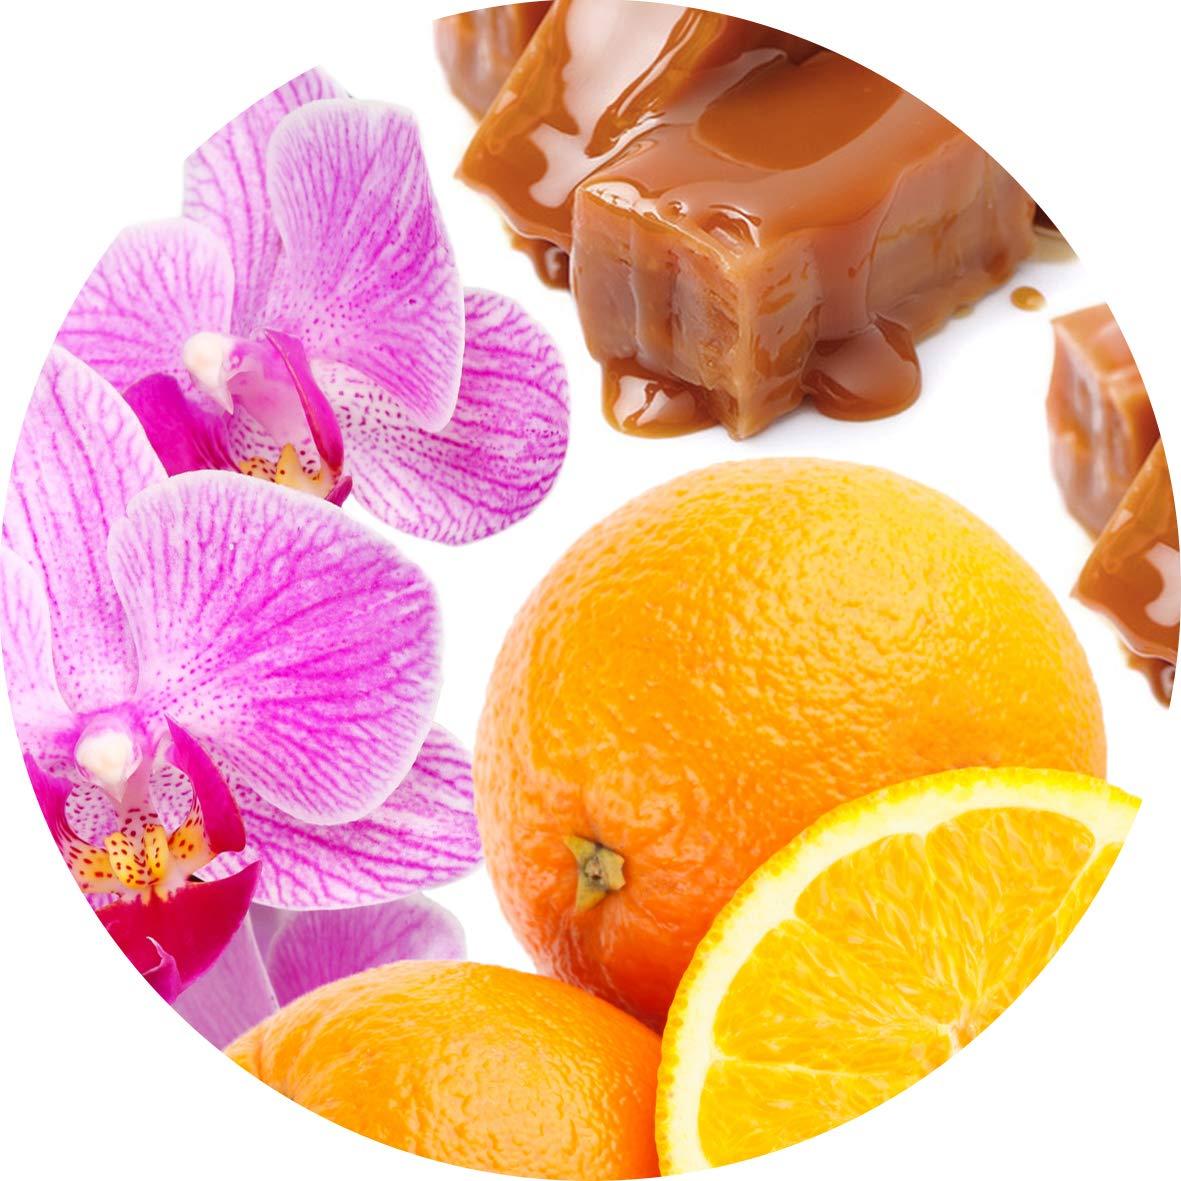 Jimmy Choo 50461 - Agua de perfume, 60 ml: Amazon.es: Belleza